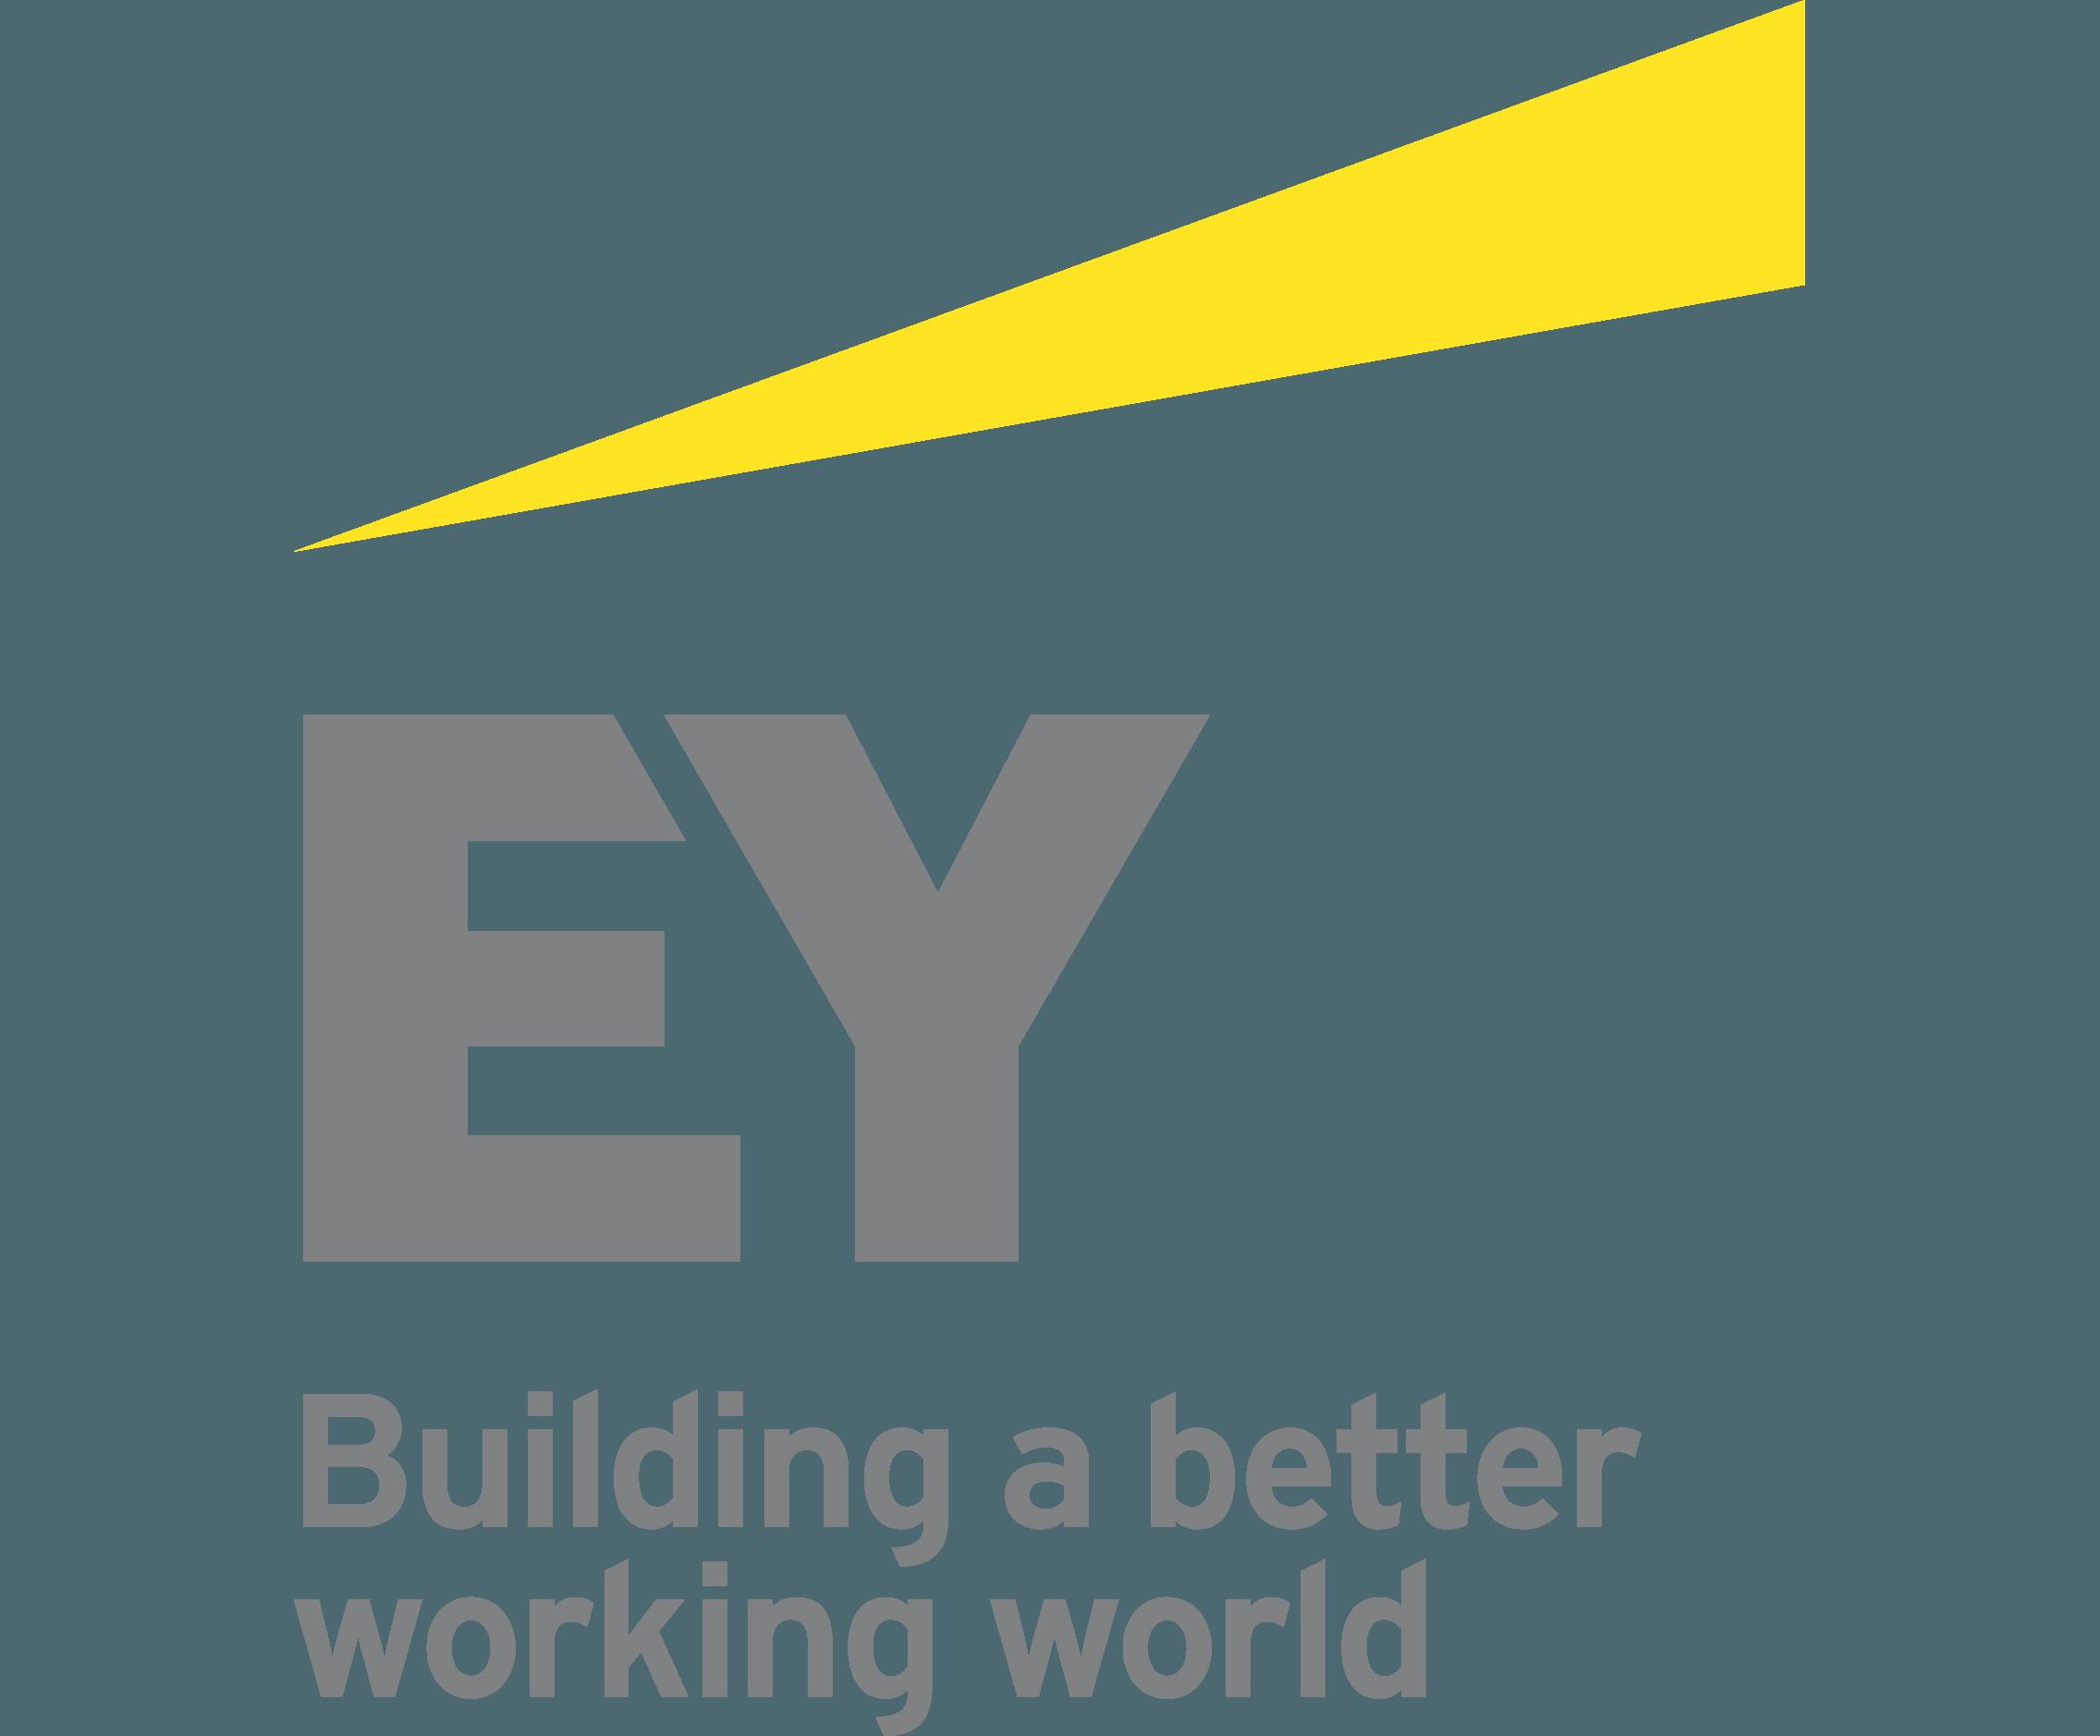 ey better world logo